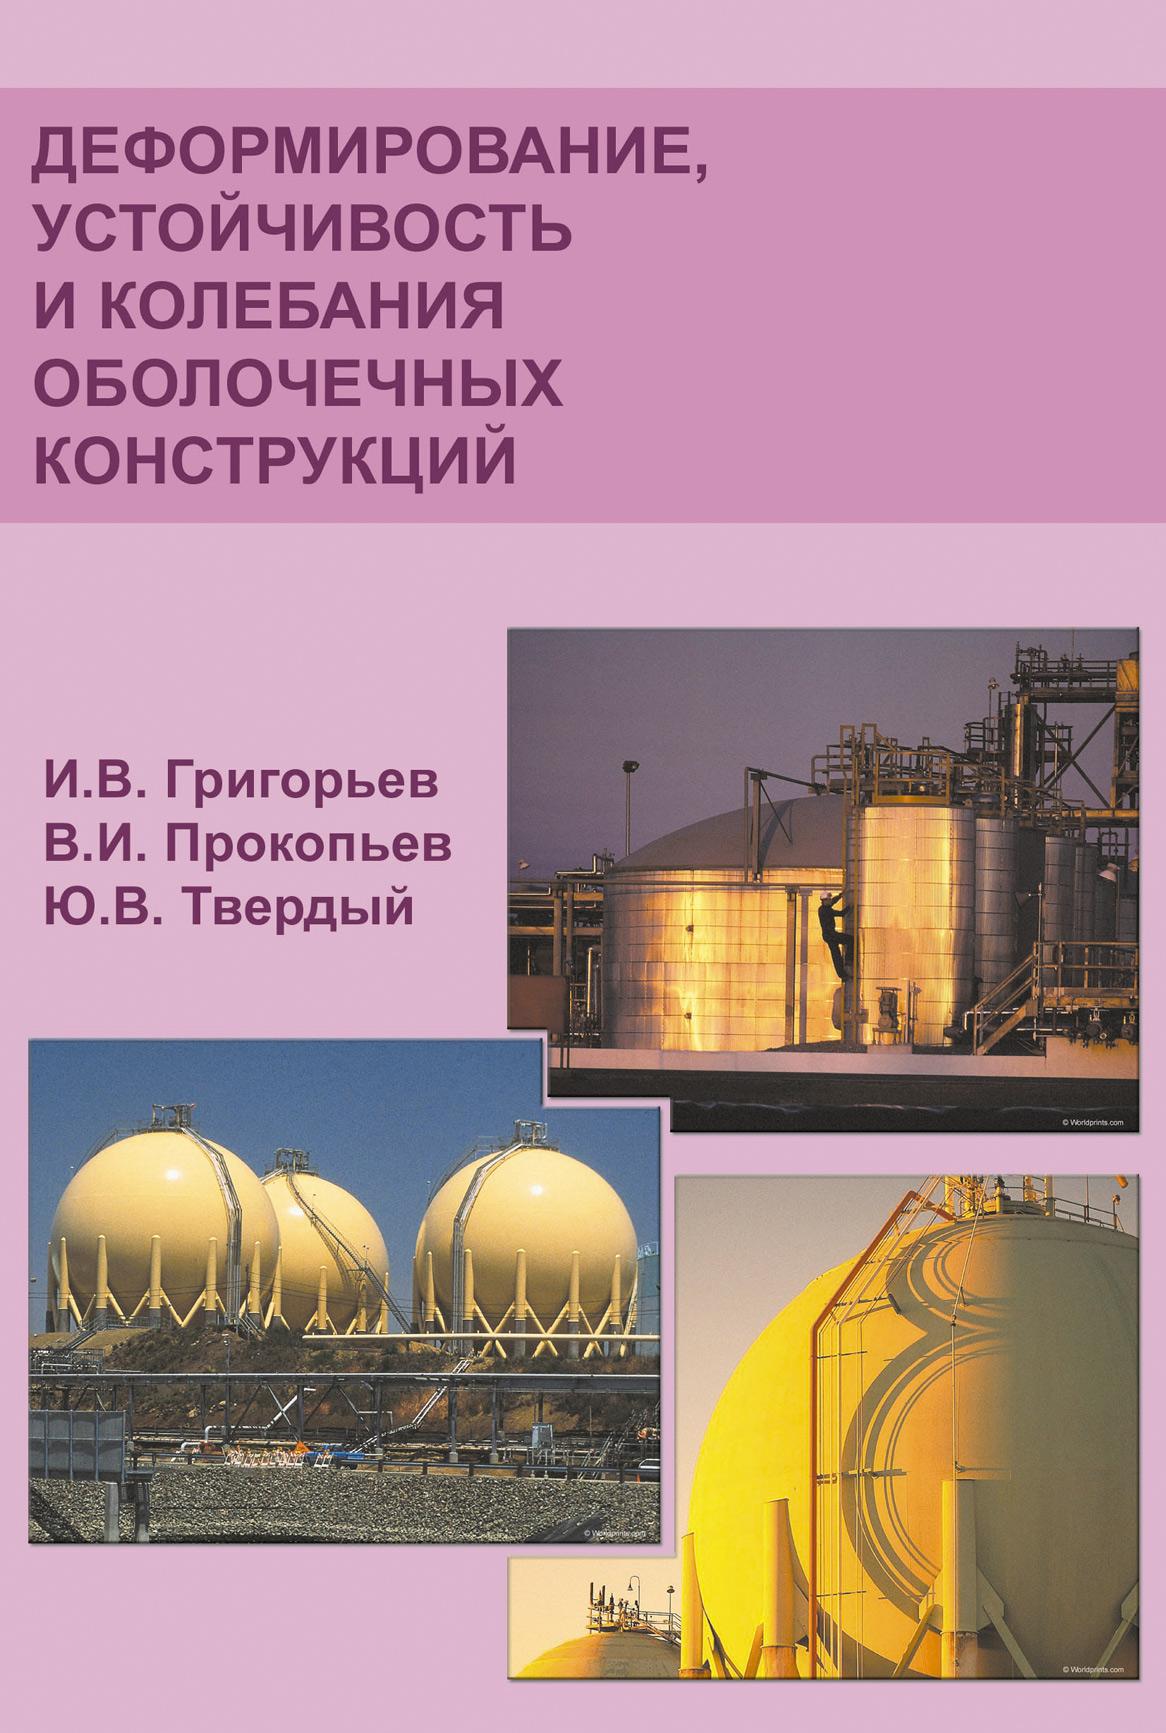 И. В. Григорьев Деформирование, устойчивость и колебания оболочечных конструкций